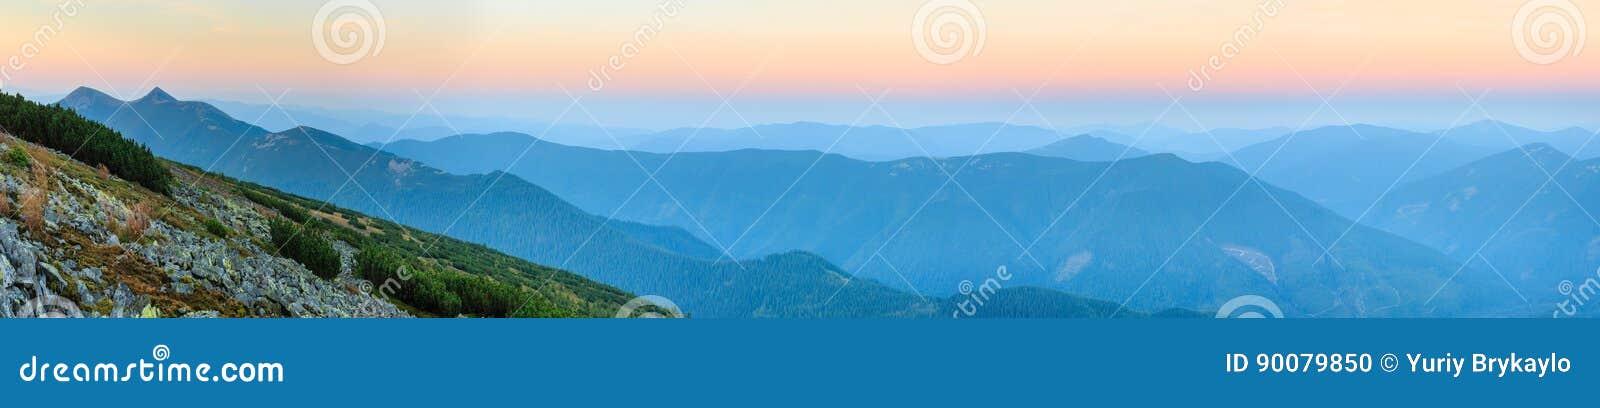 summer sunrise carpathian mountain stock photo image of nature